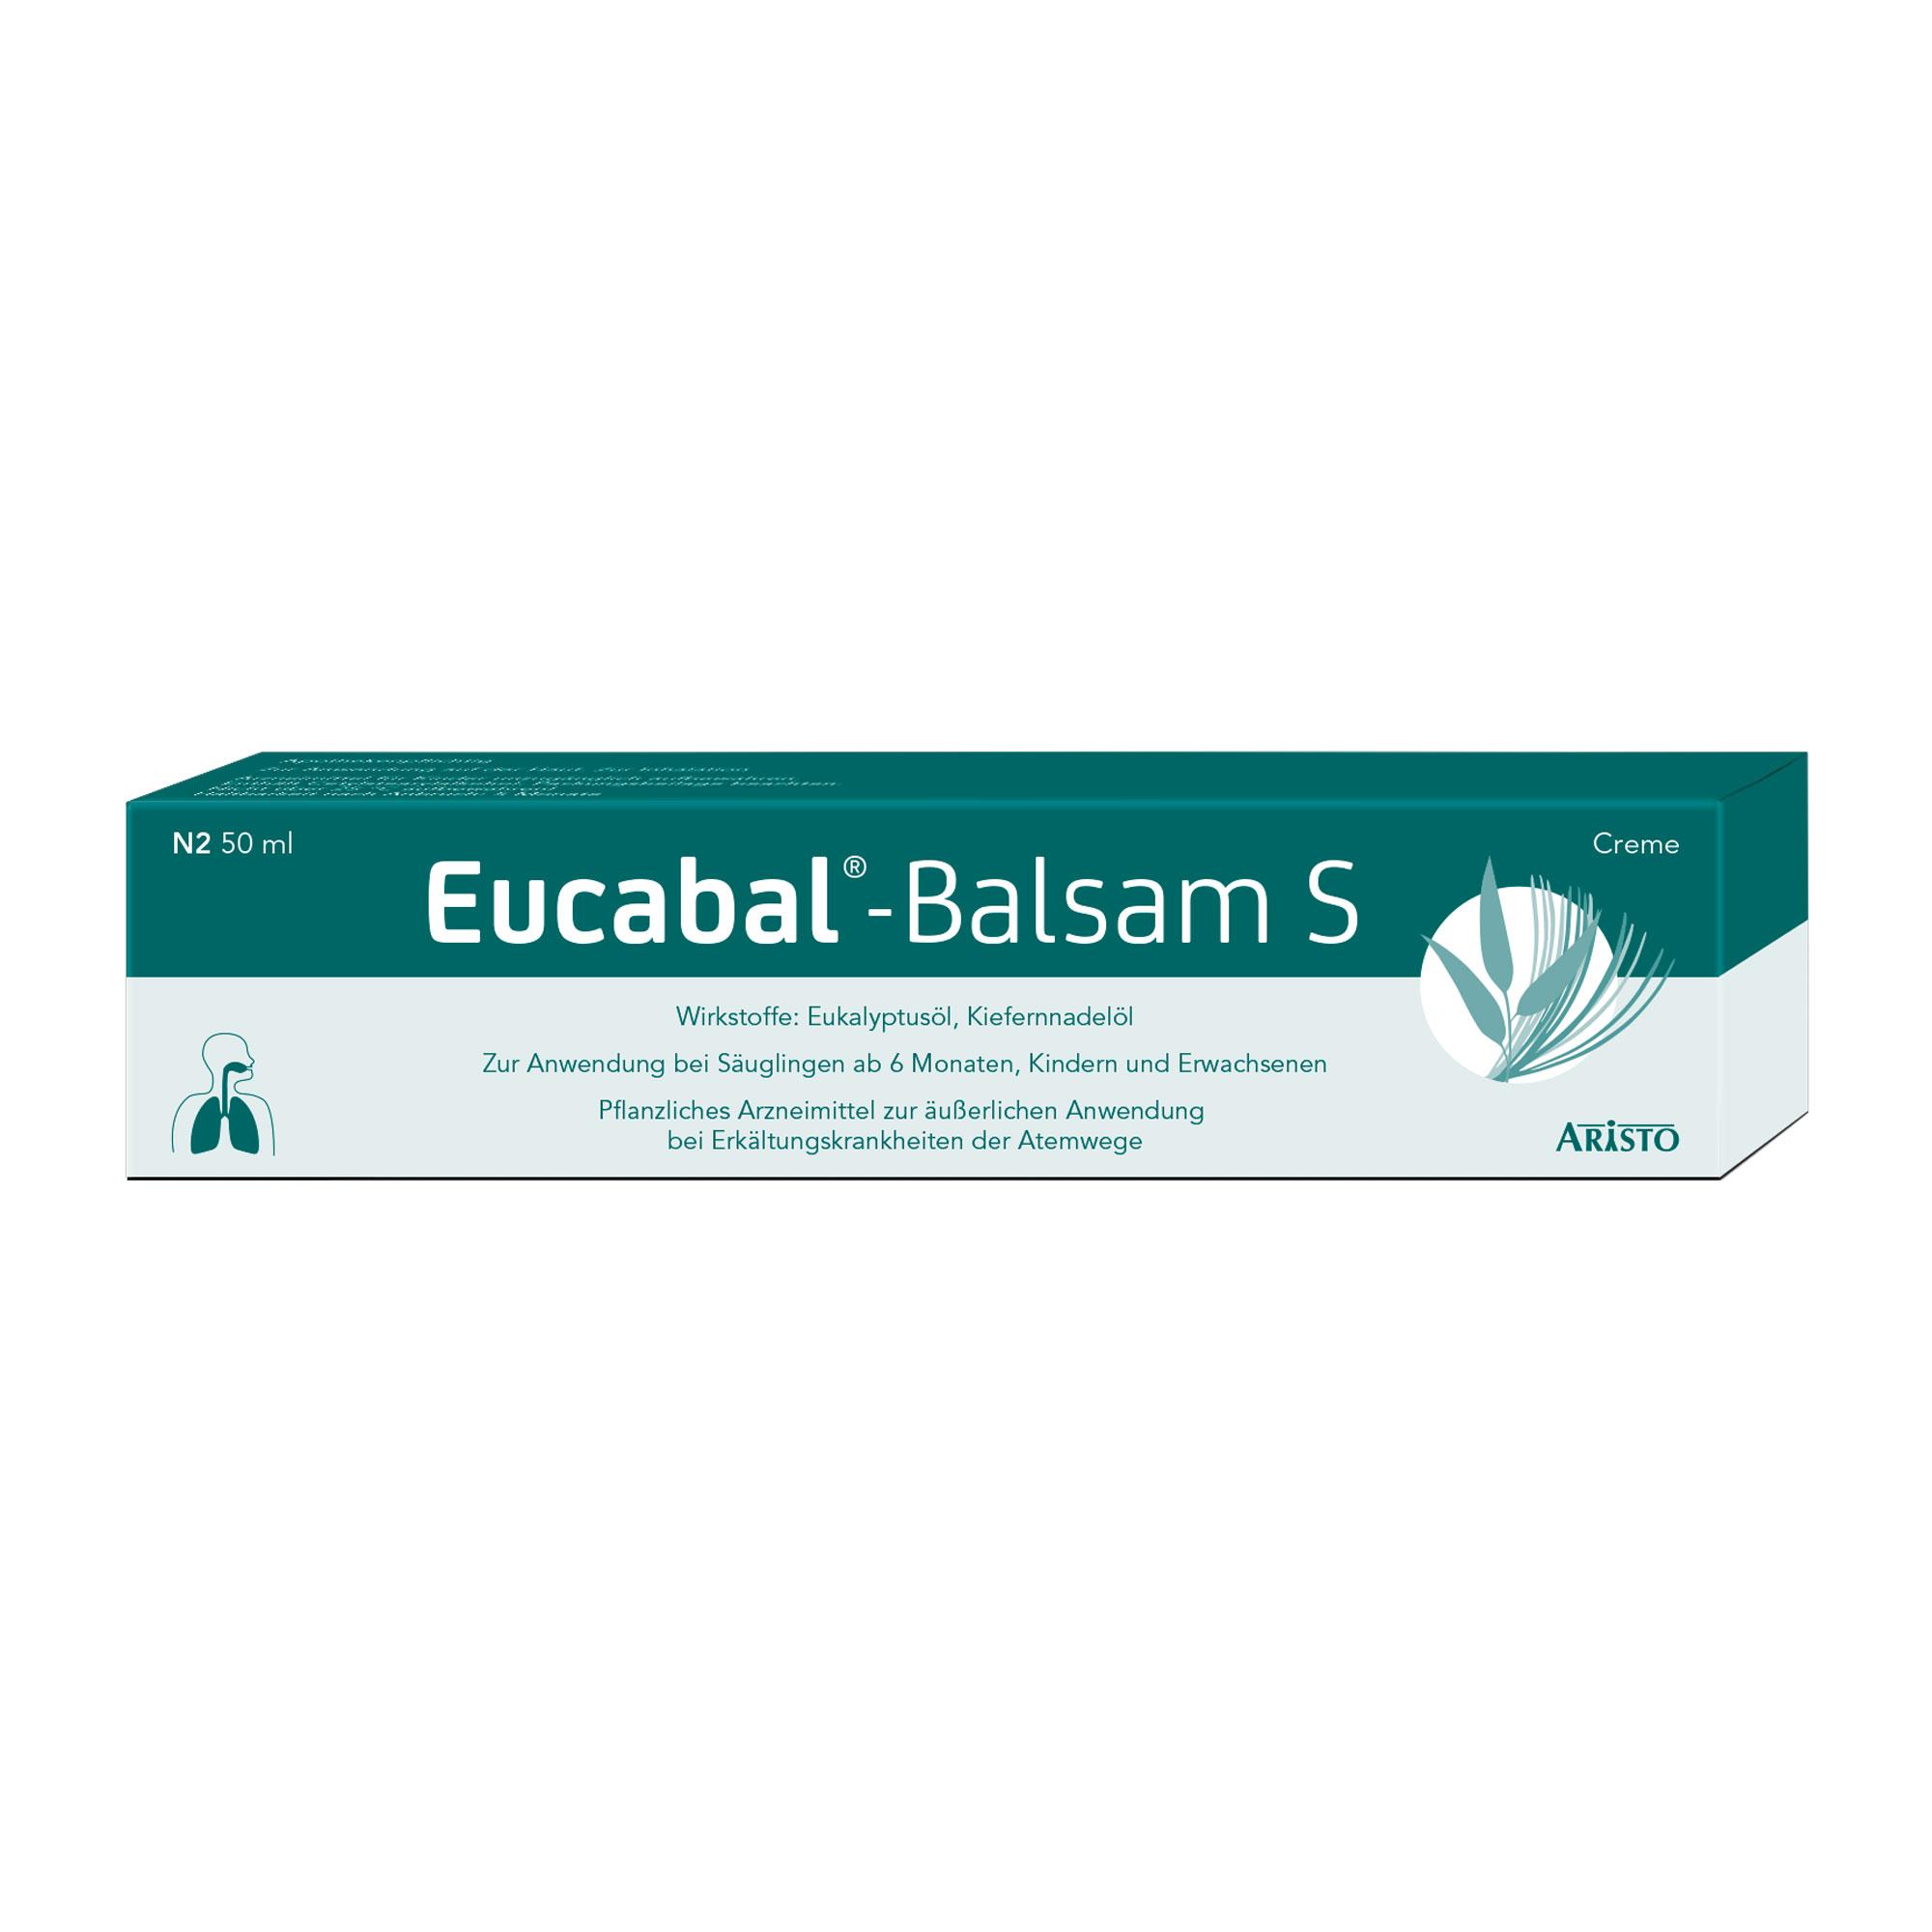 Eucabal Balsam S